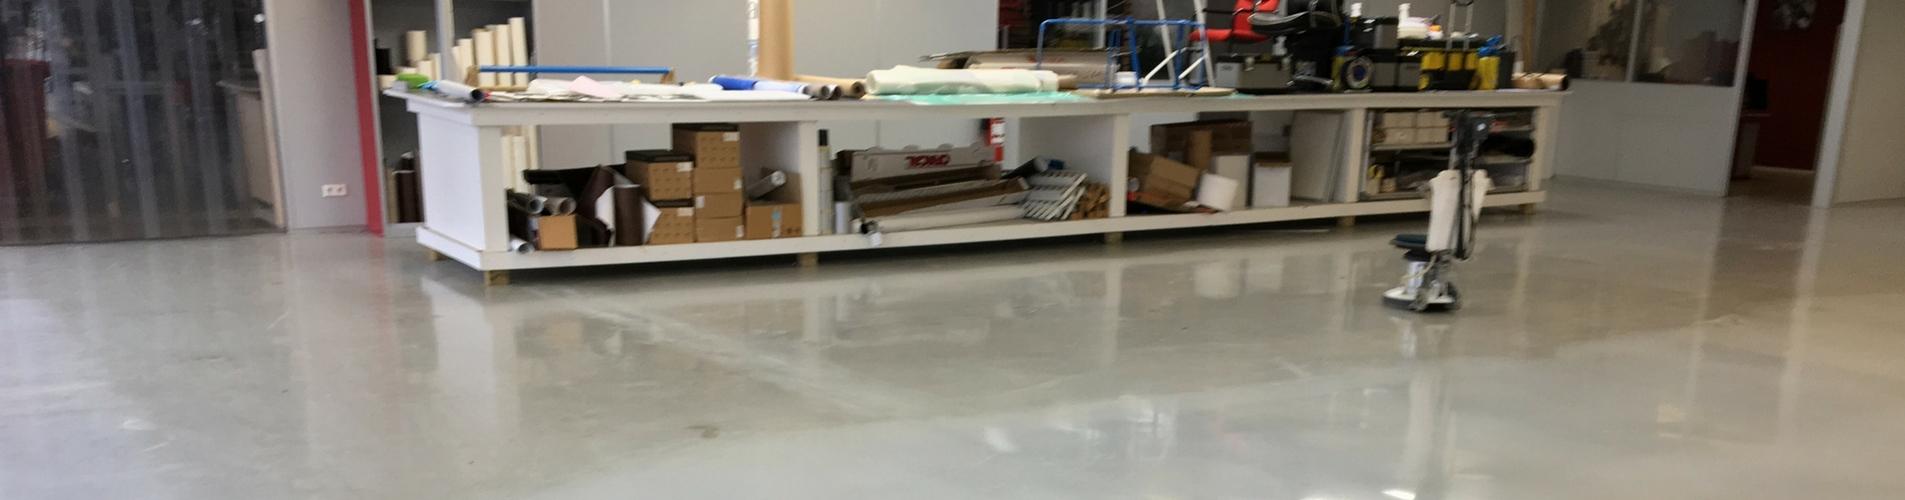 ATS-Schoonmaak-kunststofvloer-onderhoud